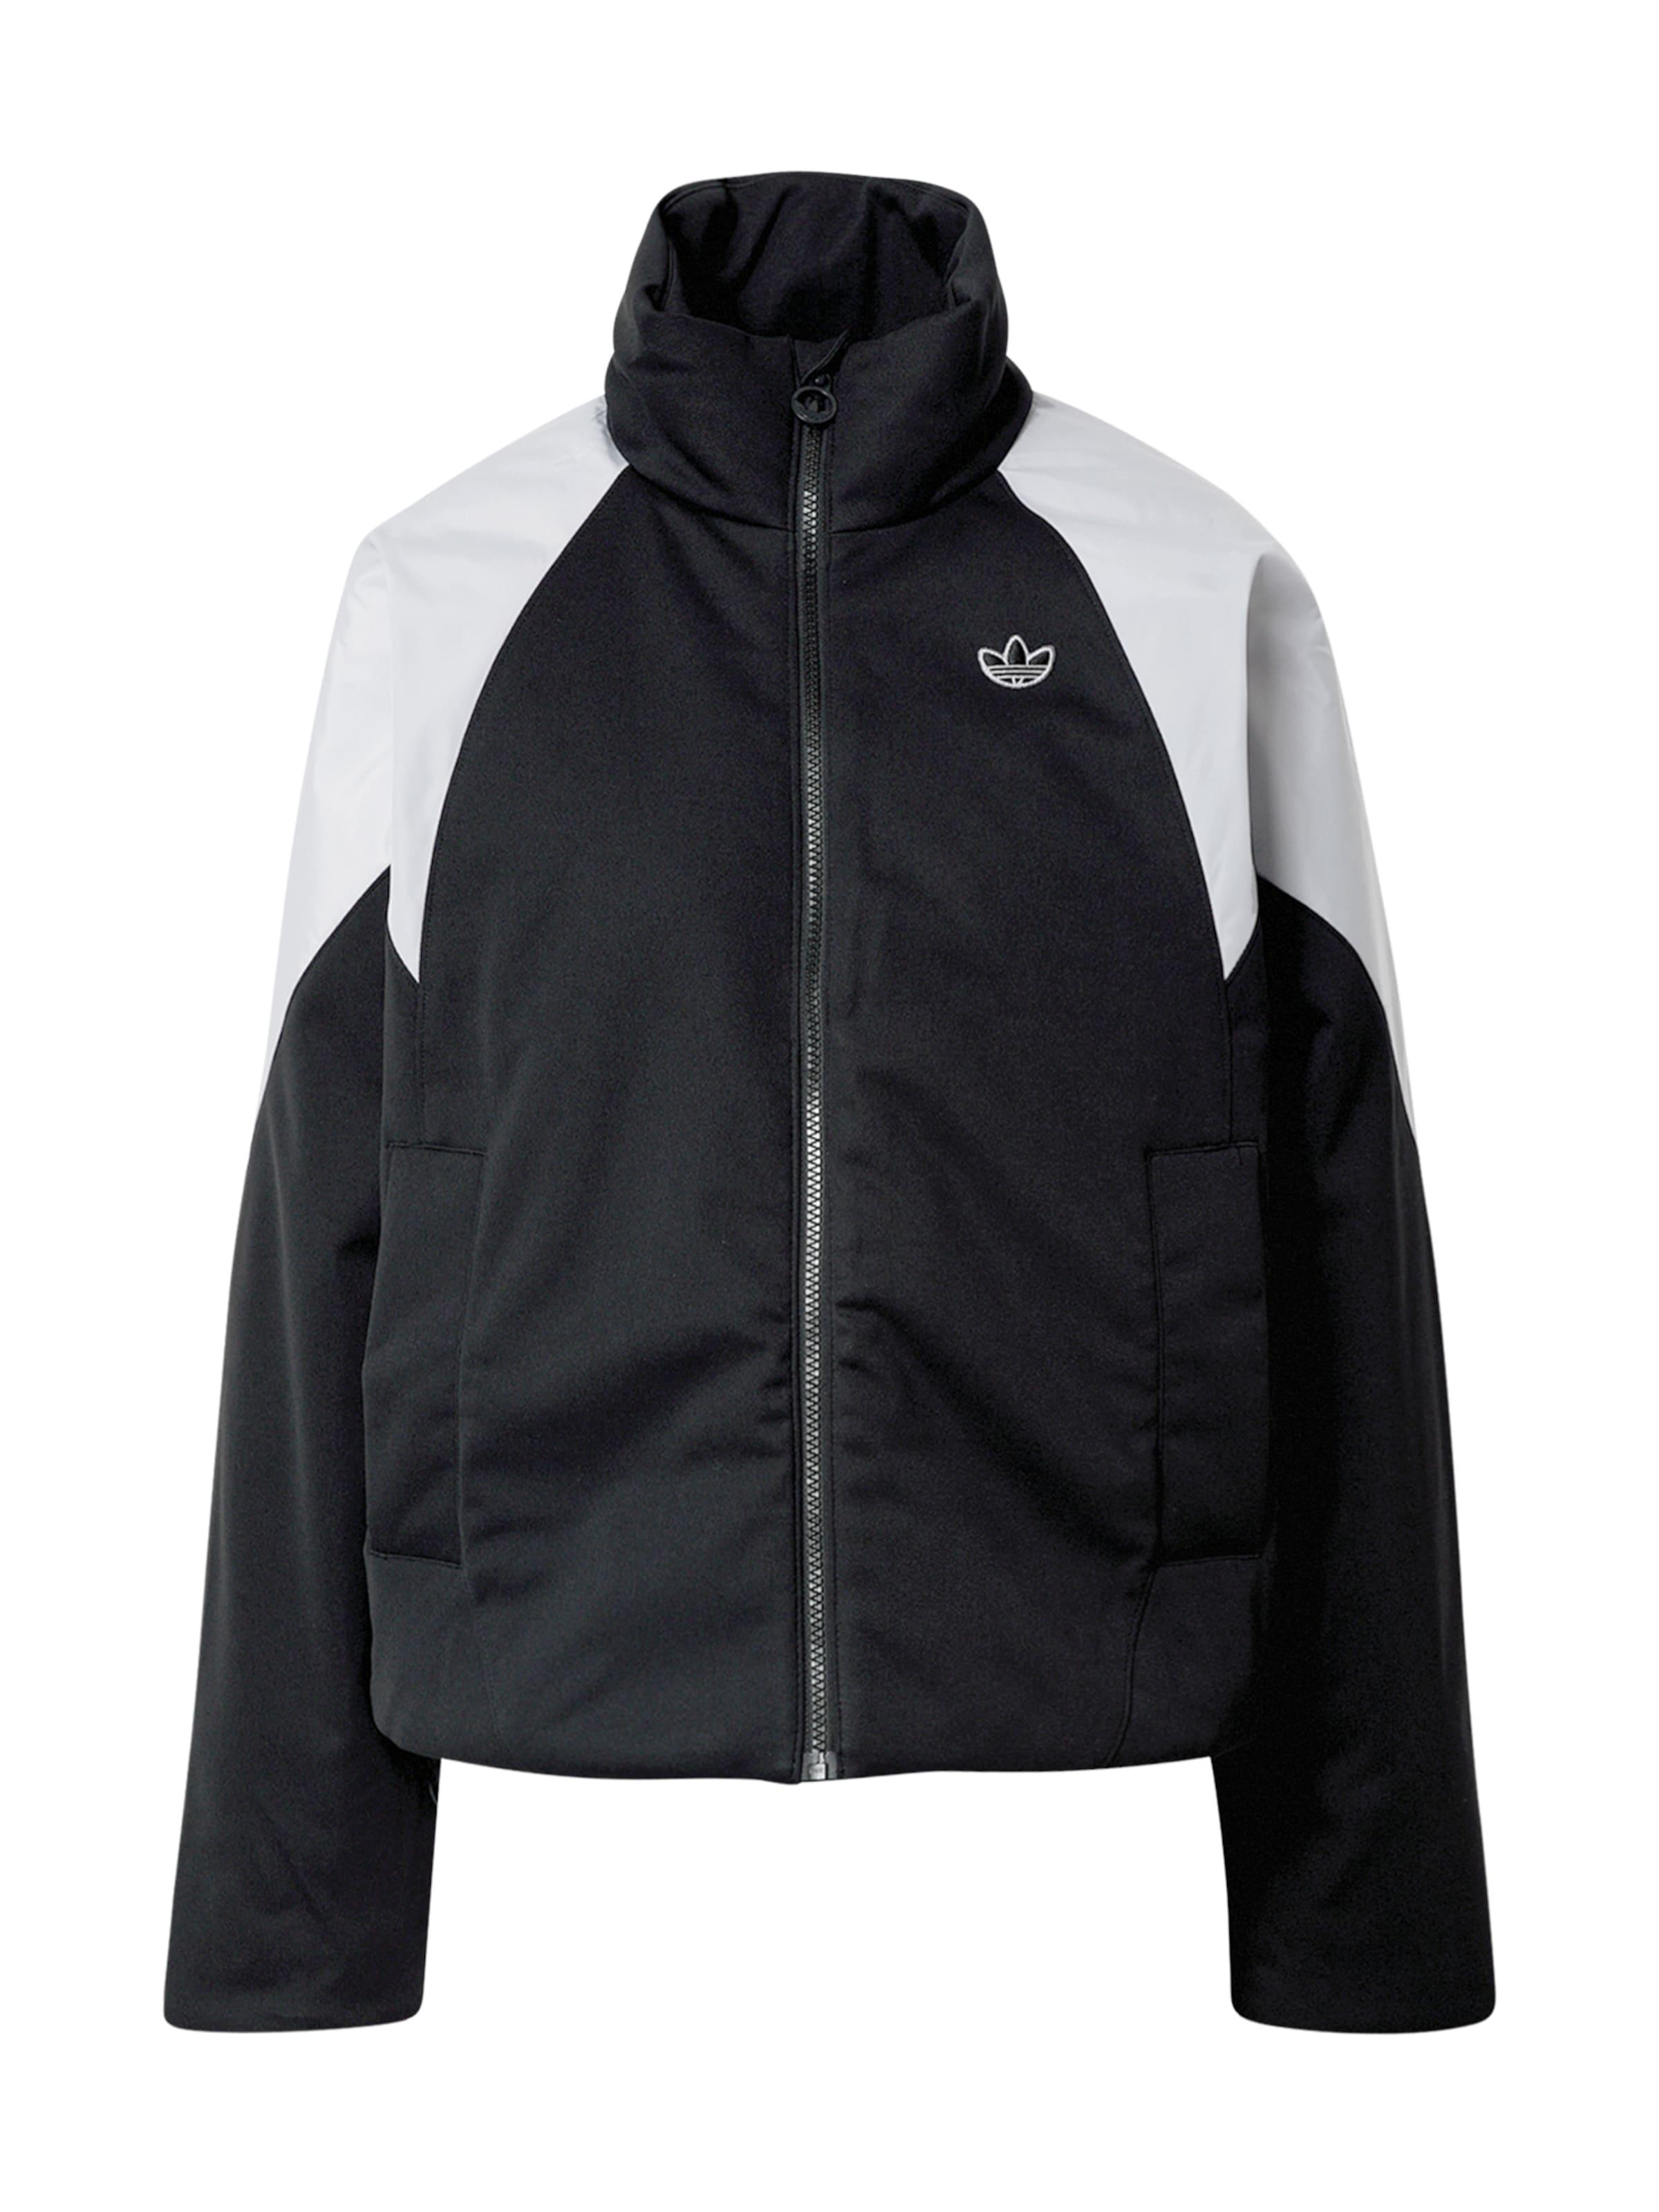 ADIDAS ORIGINALS Jacke in schwarz / weiß